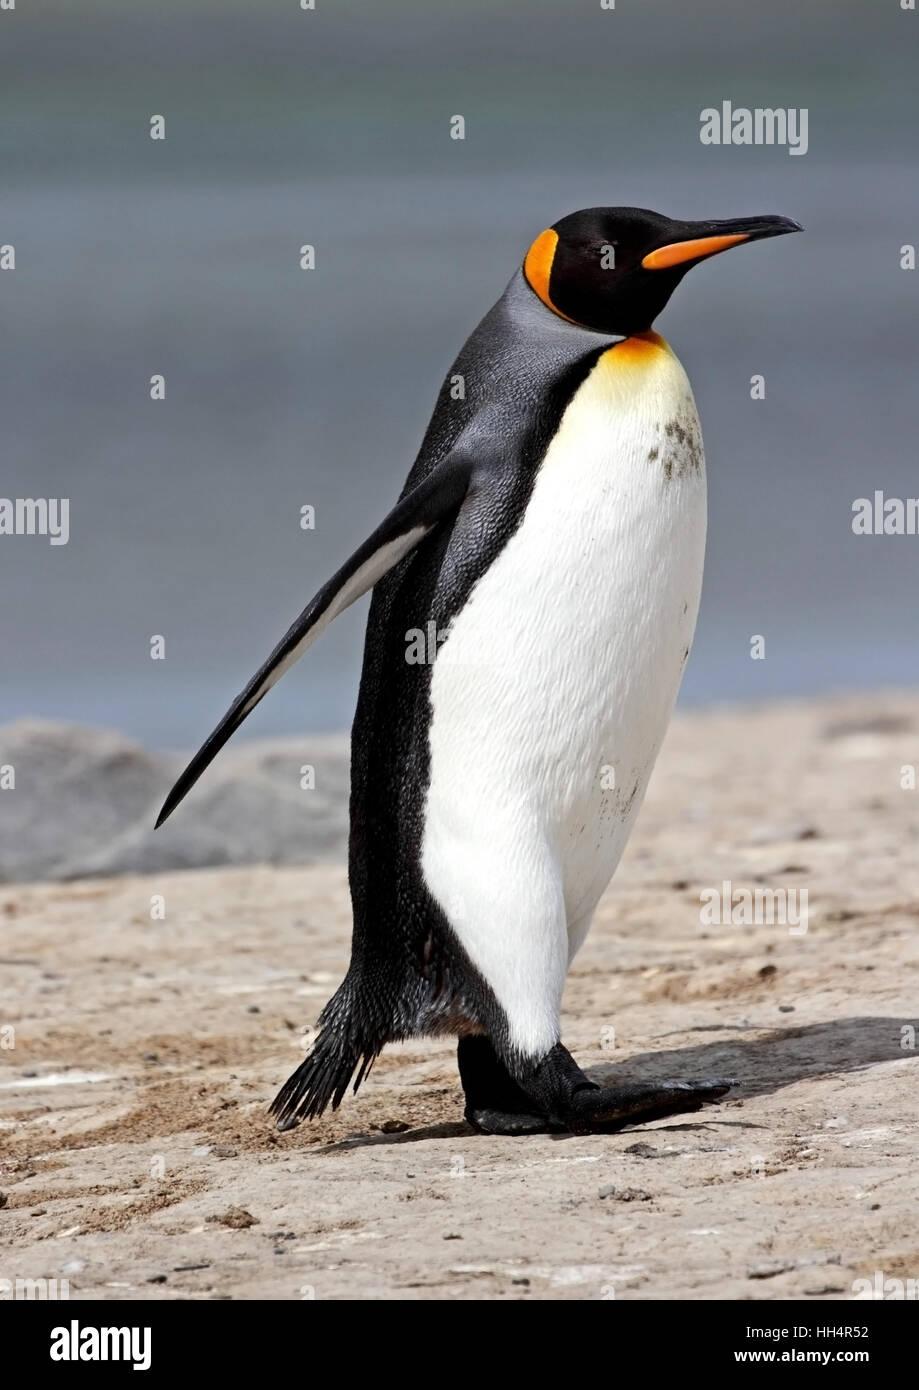 King Penguin - Stock Image